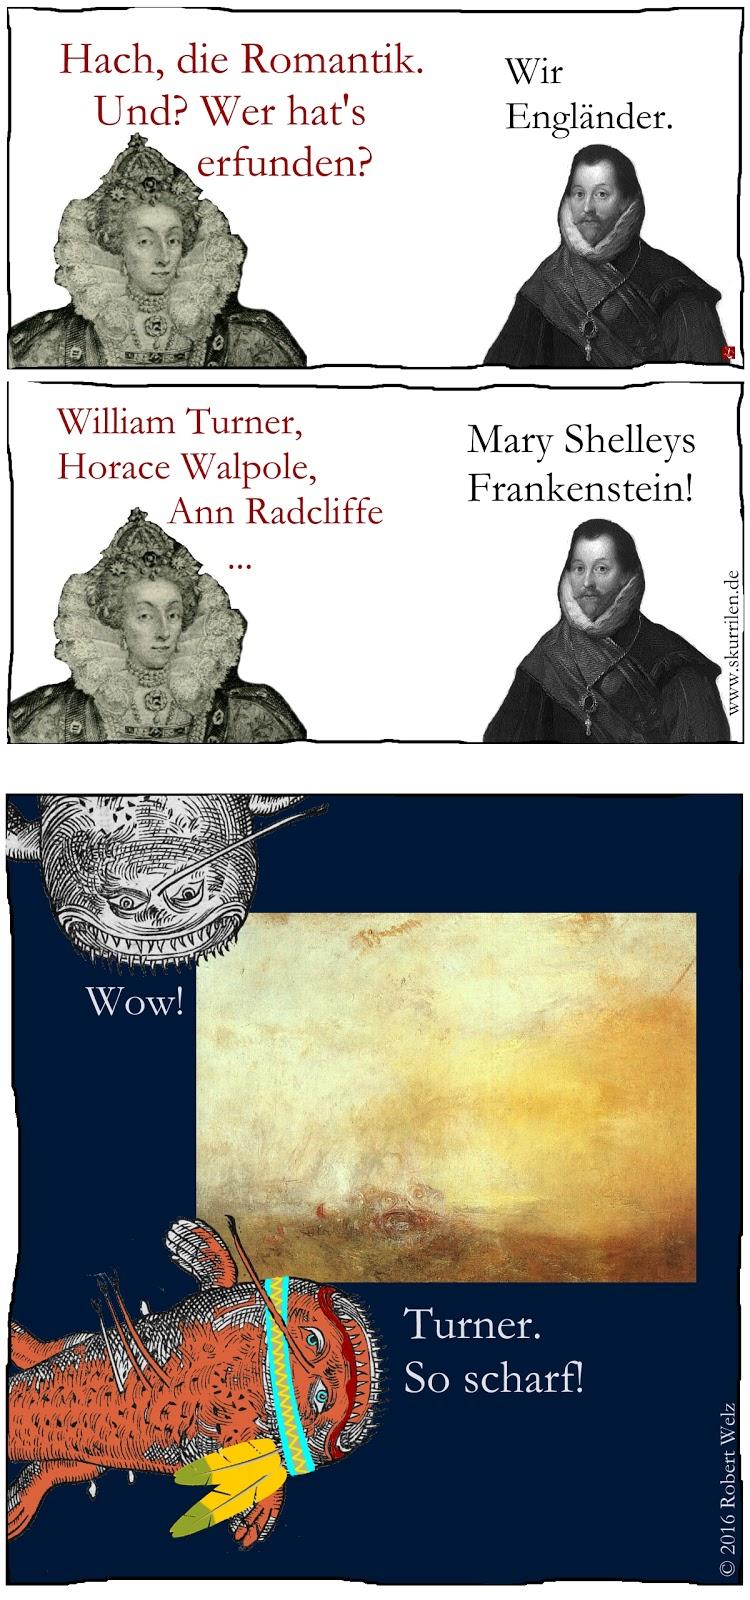 Haben die Engländer die Romantik erfunden? Teie der Kunstwelt & Königin Elizabeth I. finden Gefallen an dieser These. William Turner und natürlich Mary Shelleys Frankenstein sind schöne Belege.